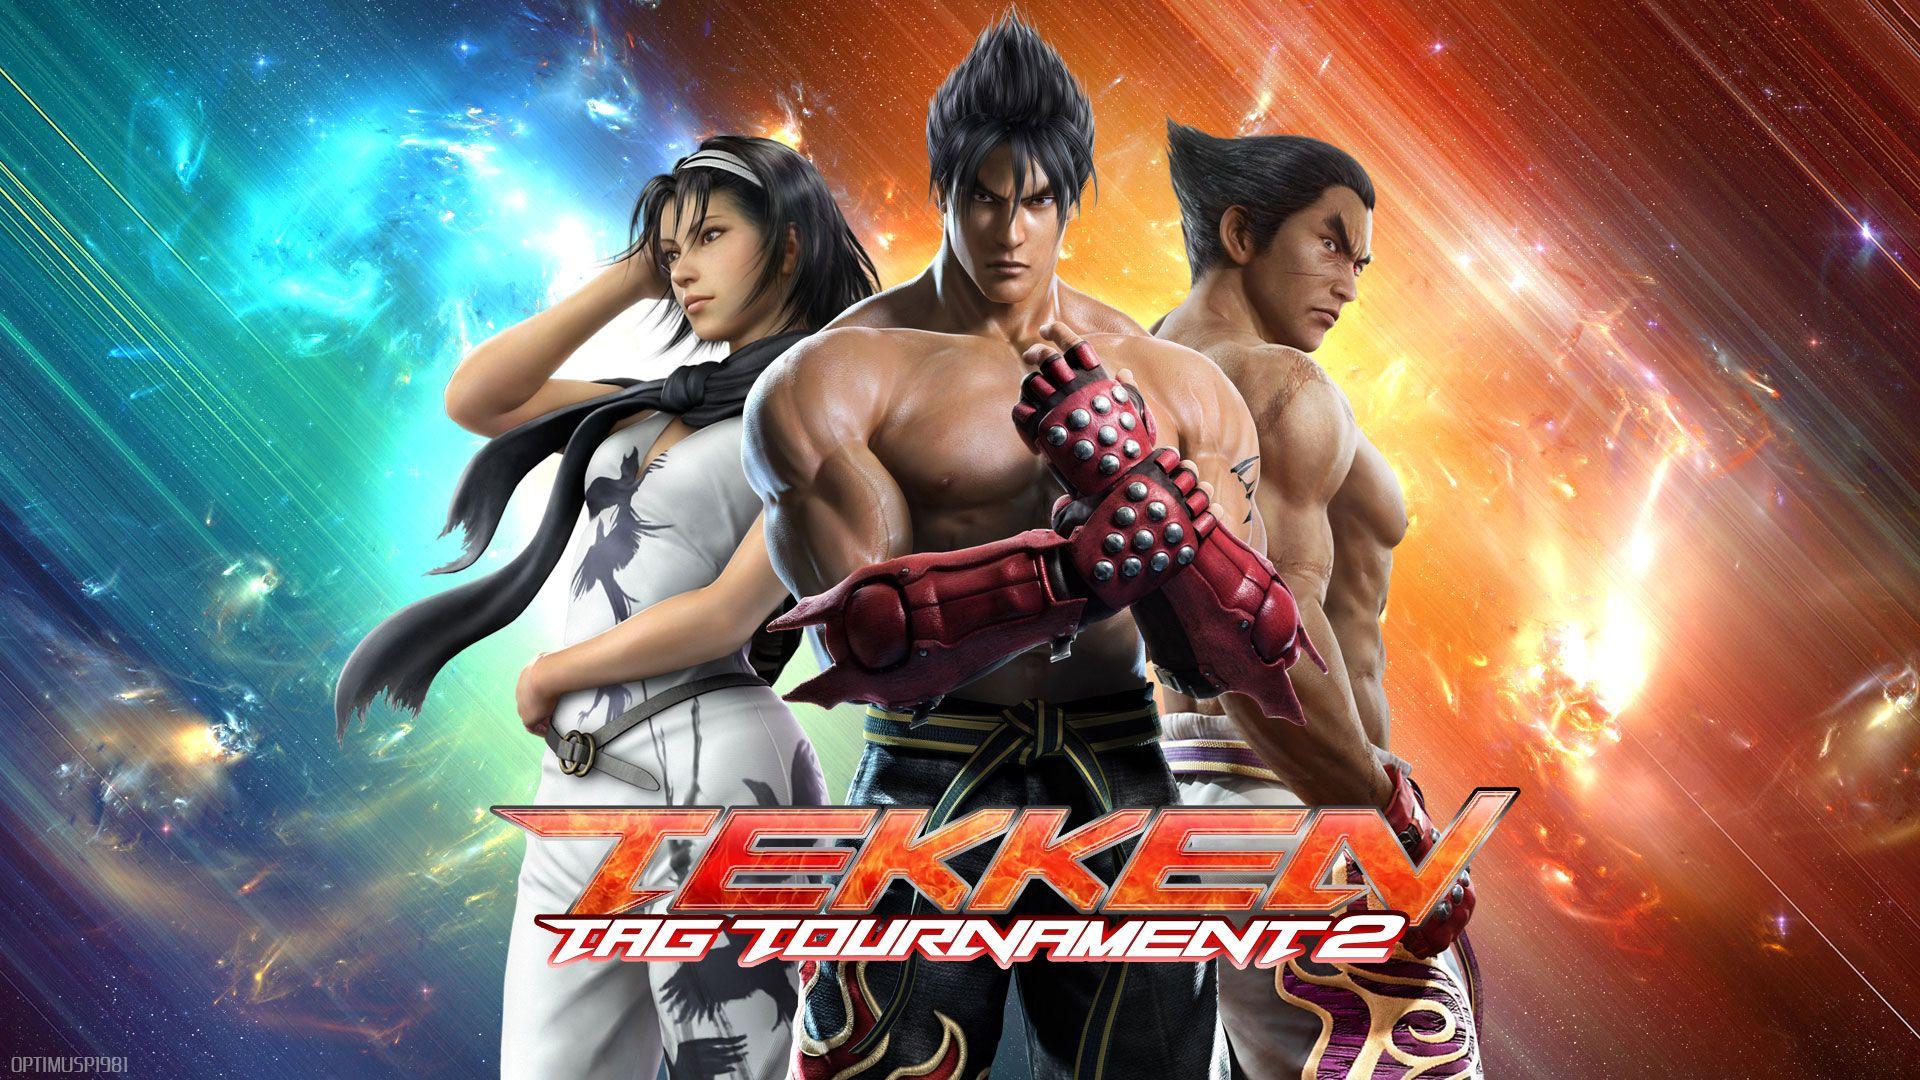 Tekken Tag Tournament 2: La ofensa a los musulmanes   Mis Notas ...